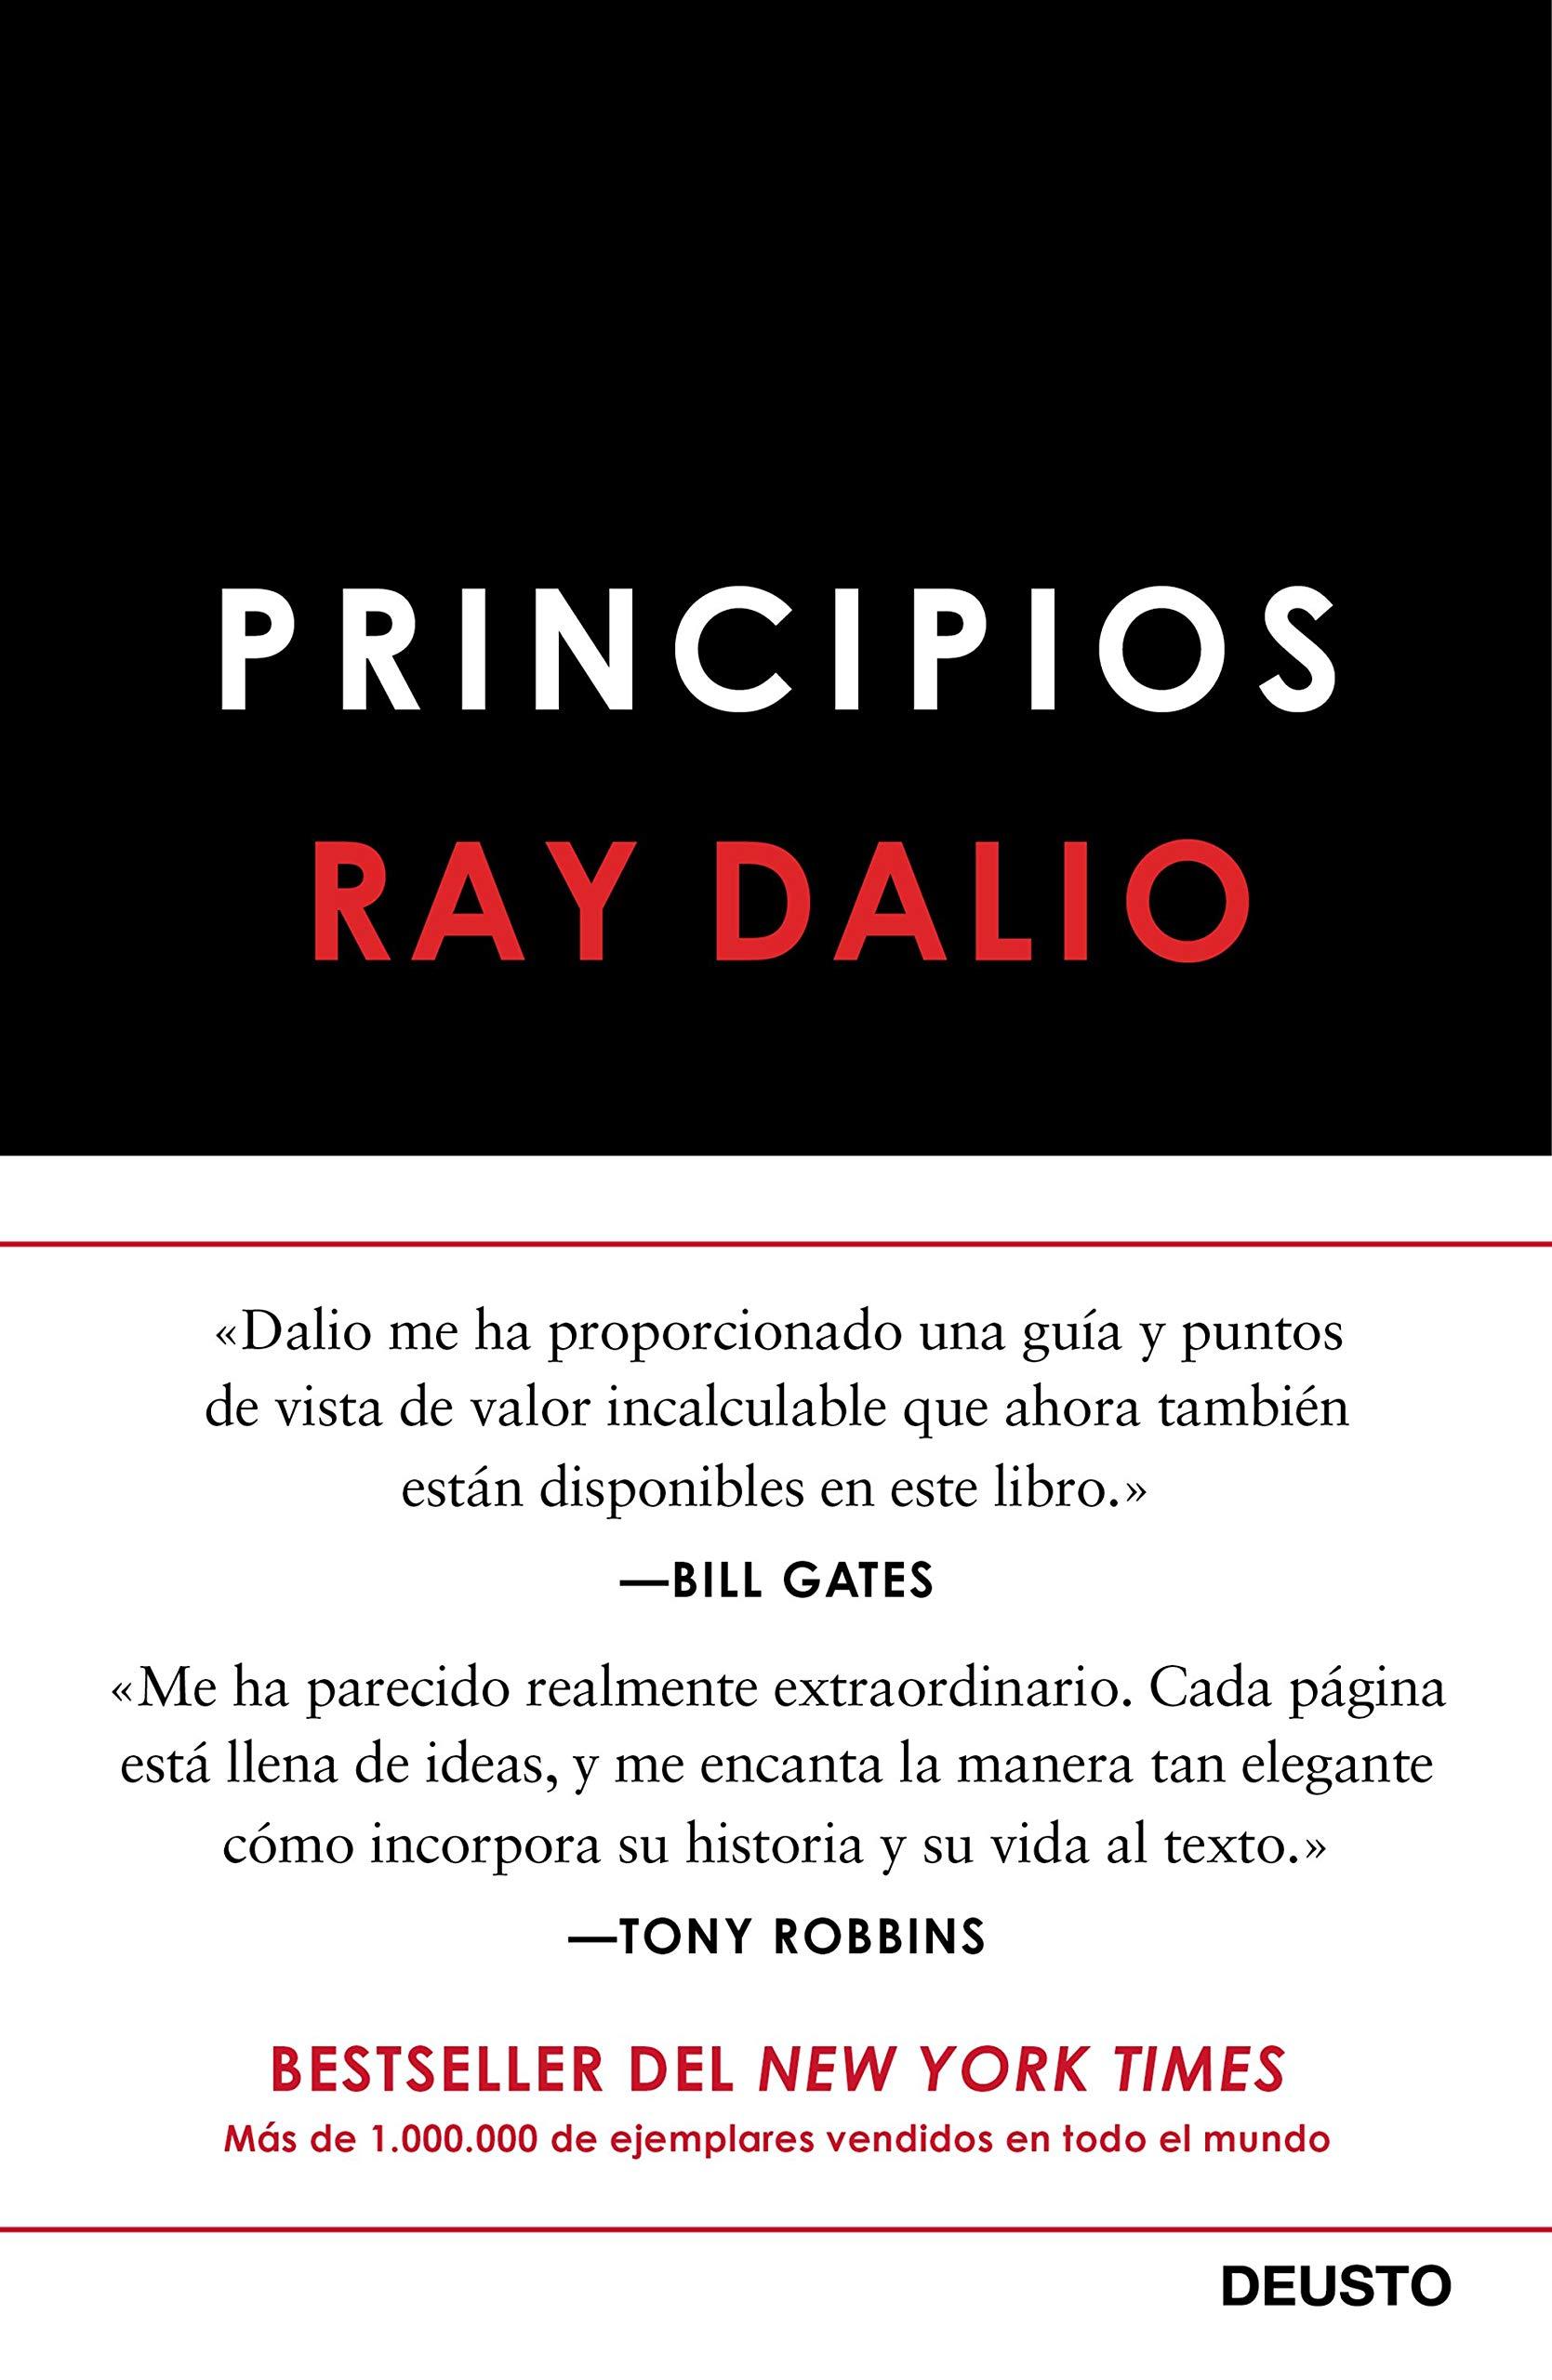 Principios (Sin colección) Tapa dura – 27 nov 2018 Ray Dalio Deusto 8423430022 Finance